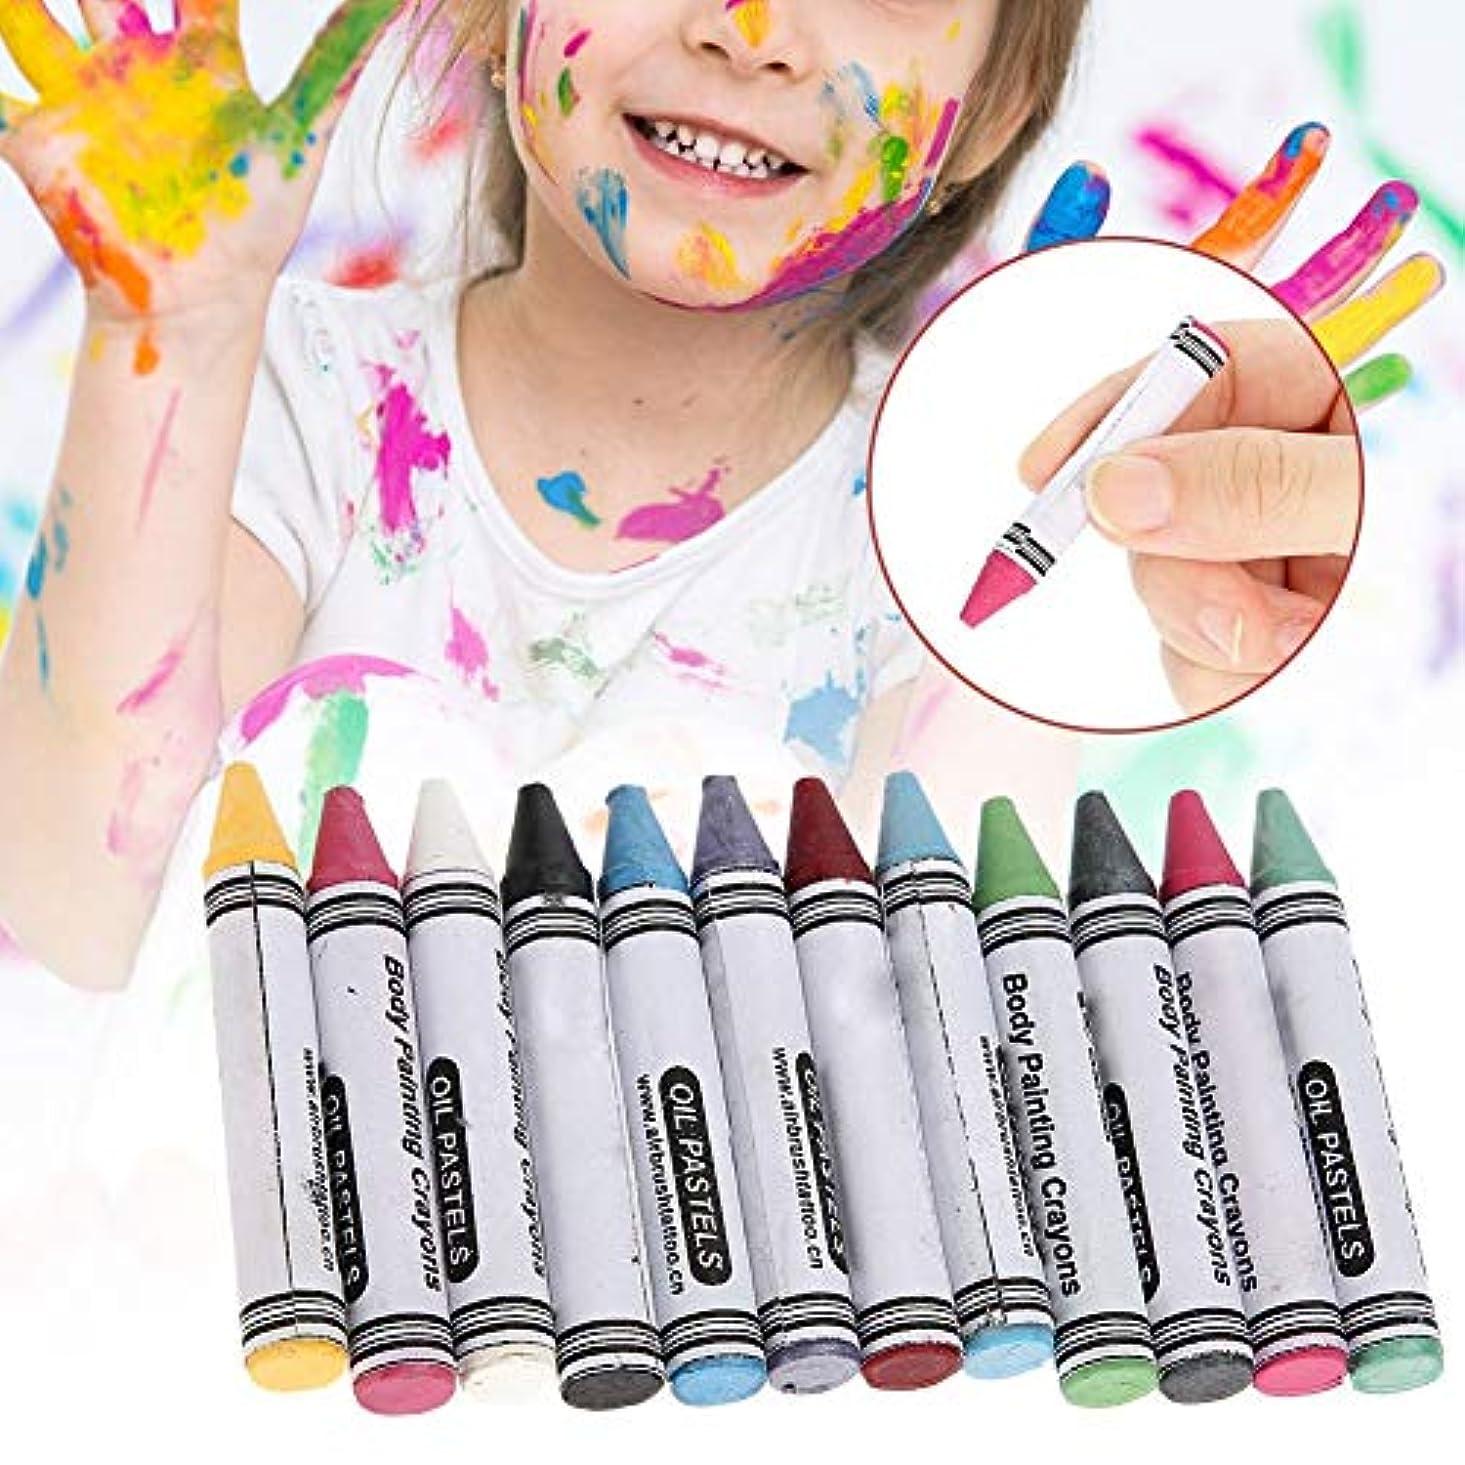 手首チョップロッカー12色 人体の彩絵クレヨン、パーティー祝日 子供用 環境保護 プレゼント